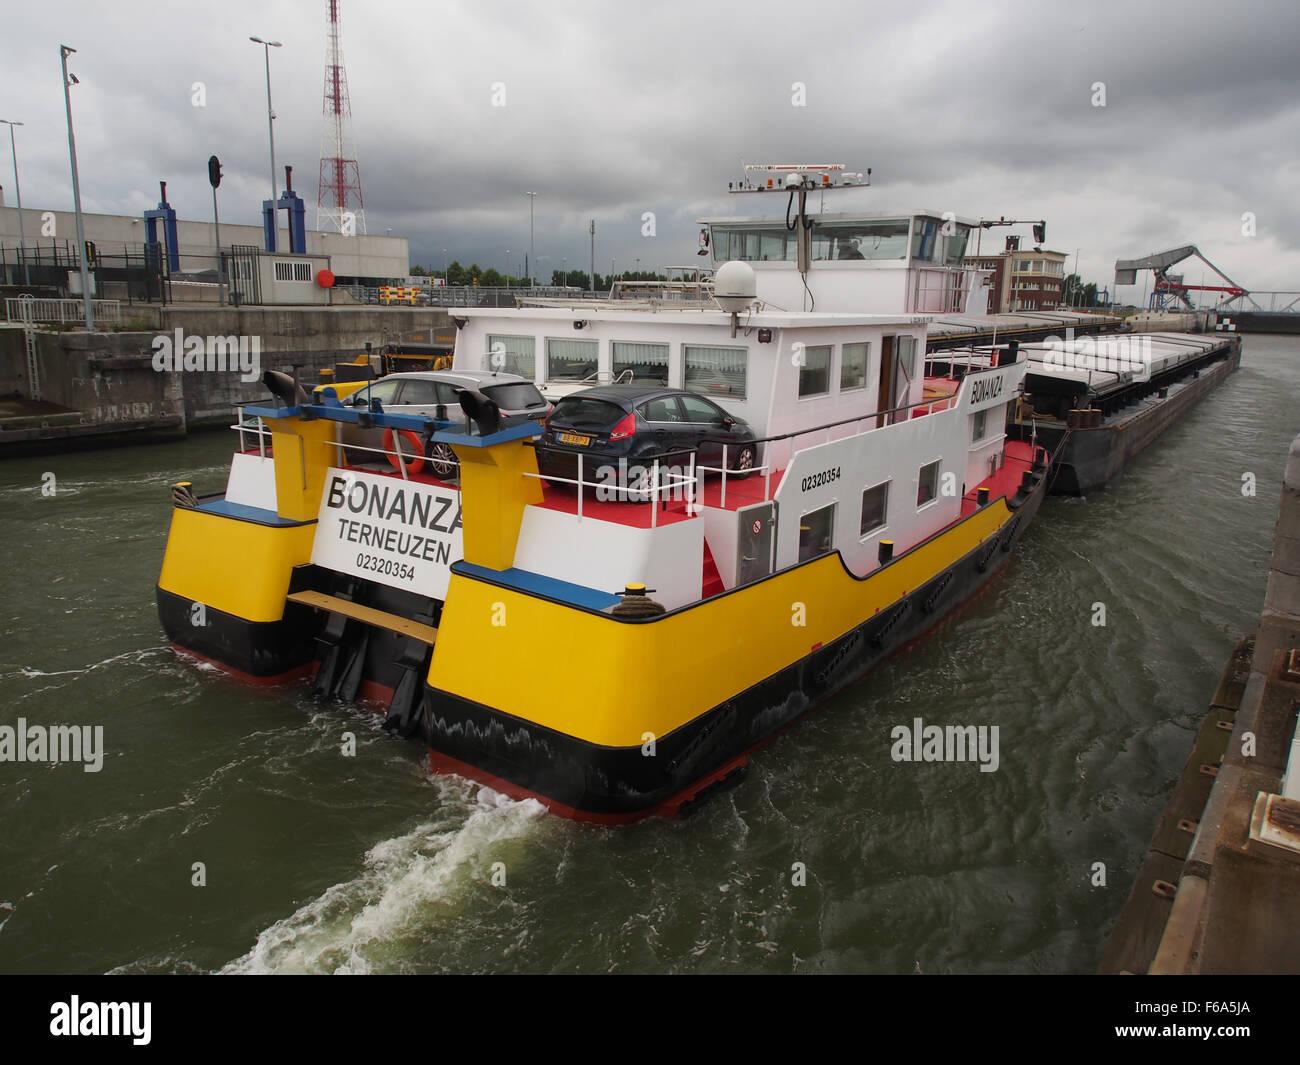 Bonanza - ENI 02320254, Van Cauwelaertsluis, Port of Antwerp pic3 Stock Photo